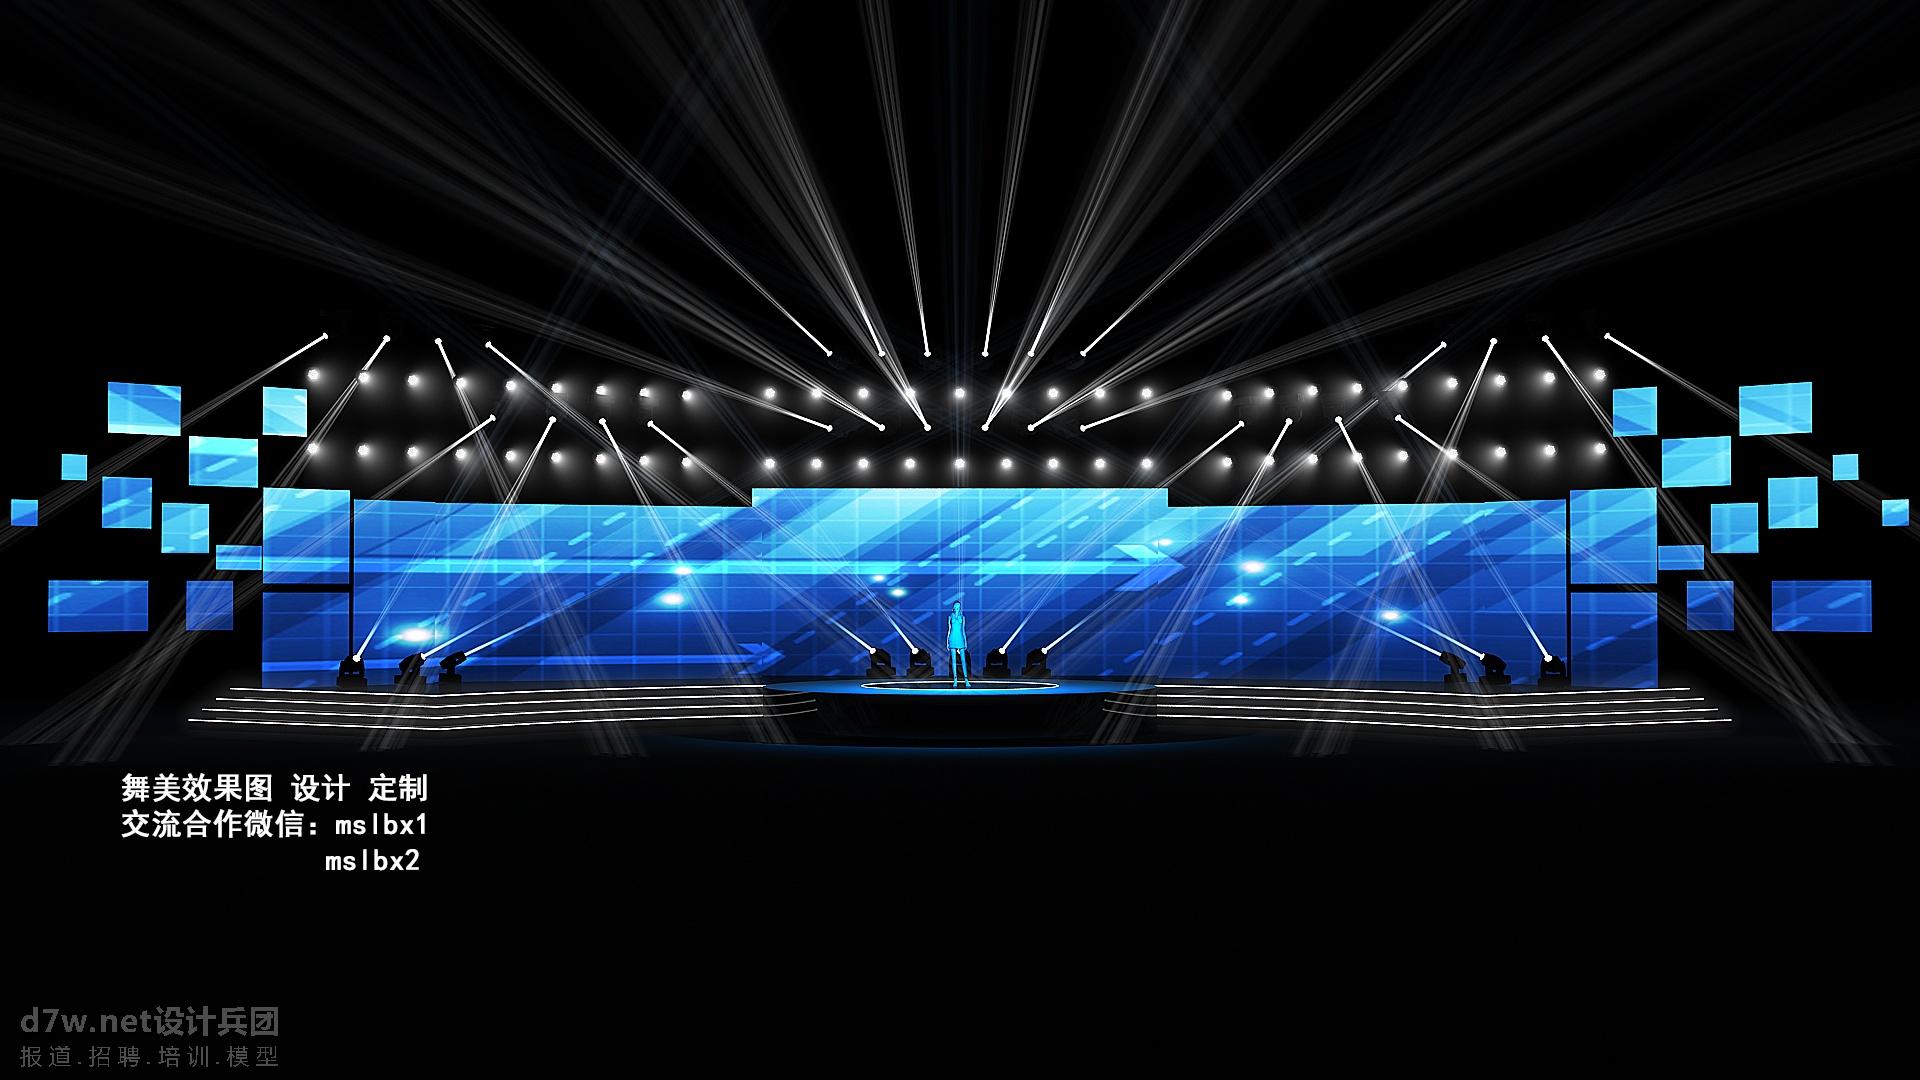 发布会舞美 发布会舞台 新品发布舞美 新品发布舞台 舞美效果图 舞台效果图 麦田舞美设计 发布会设计 发布会 ...